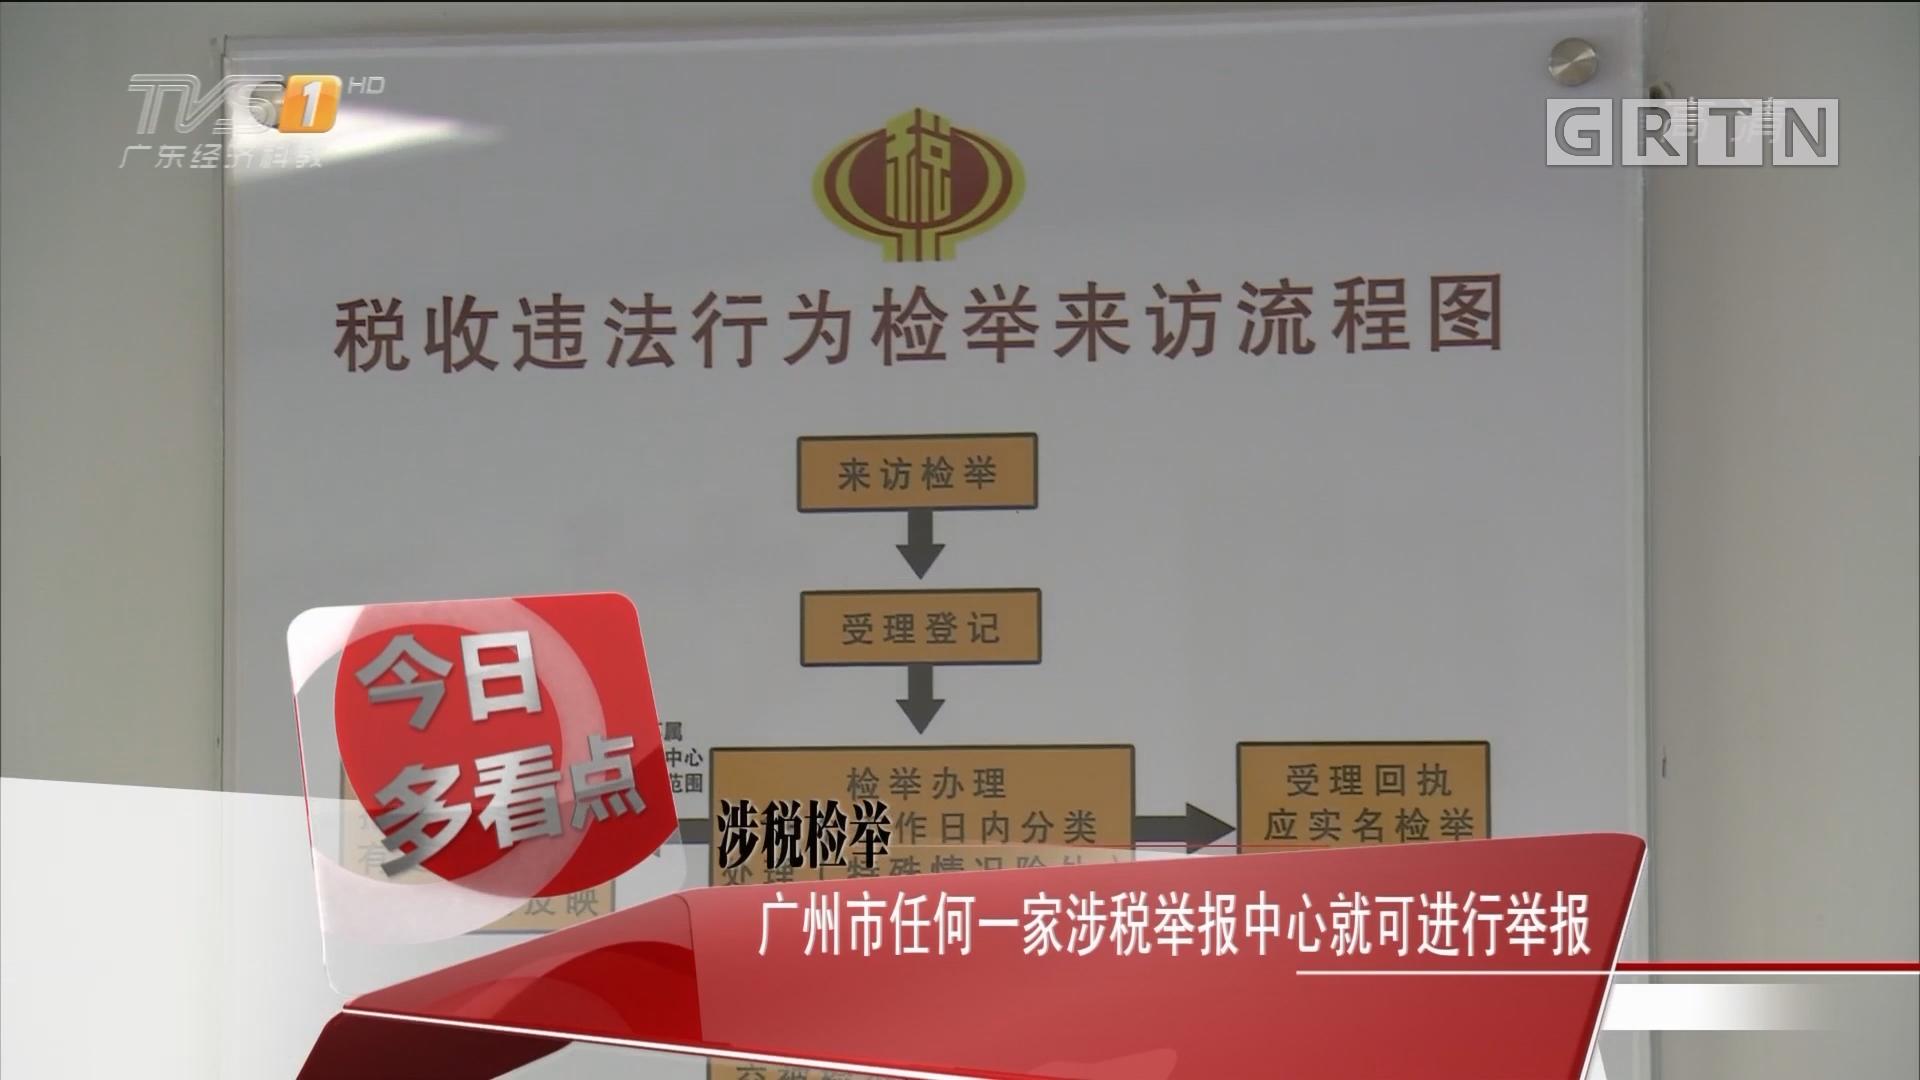 涉税检举:广州市任何一家涉税举报中心就可进行举报